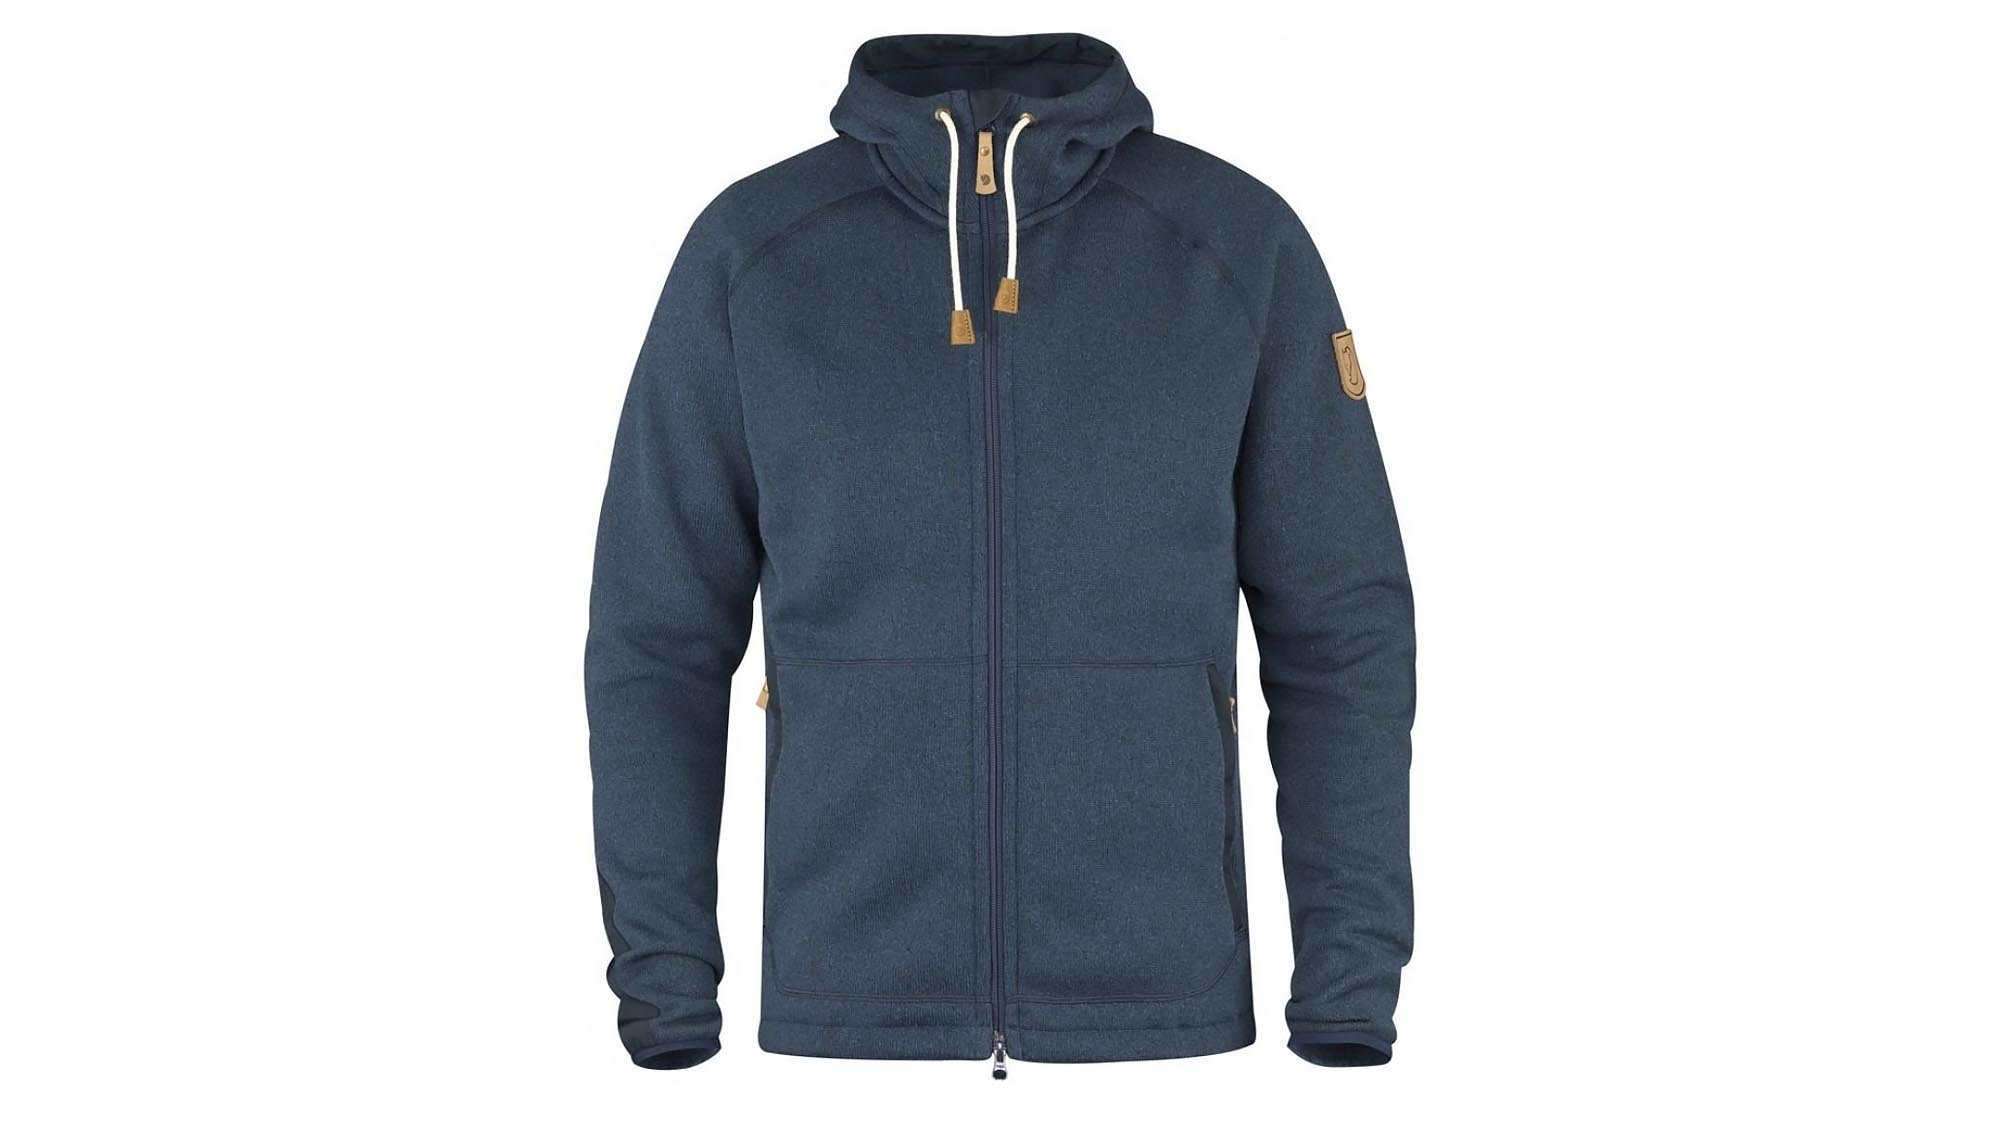 e323531c4 Best fleece jacket: Fend off the cold with the best fleece hoodies ...